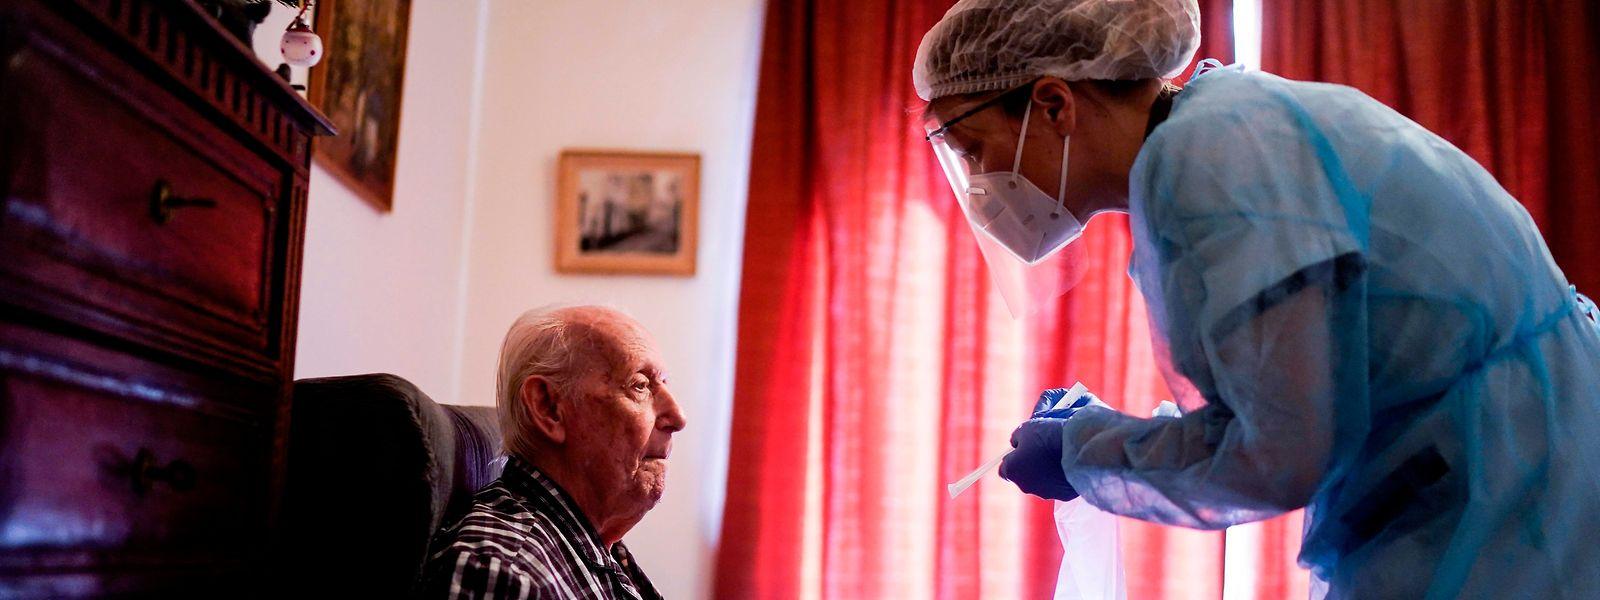 Ältere und behinderte Menschen gehören in weiten Teilen zu den Corona-Risikogruppen. Als Konsequenz eines konsequenten Abschirmens werden jedoch erhebliche psychische Schäden befürchtet.